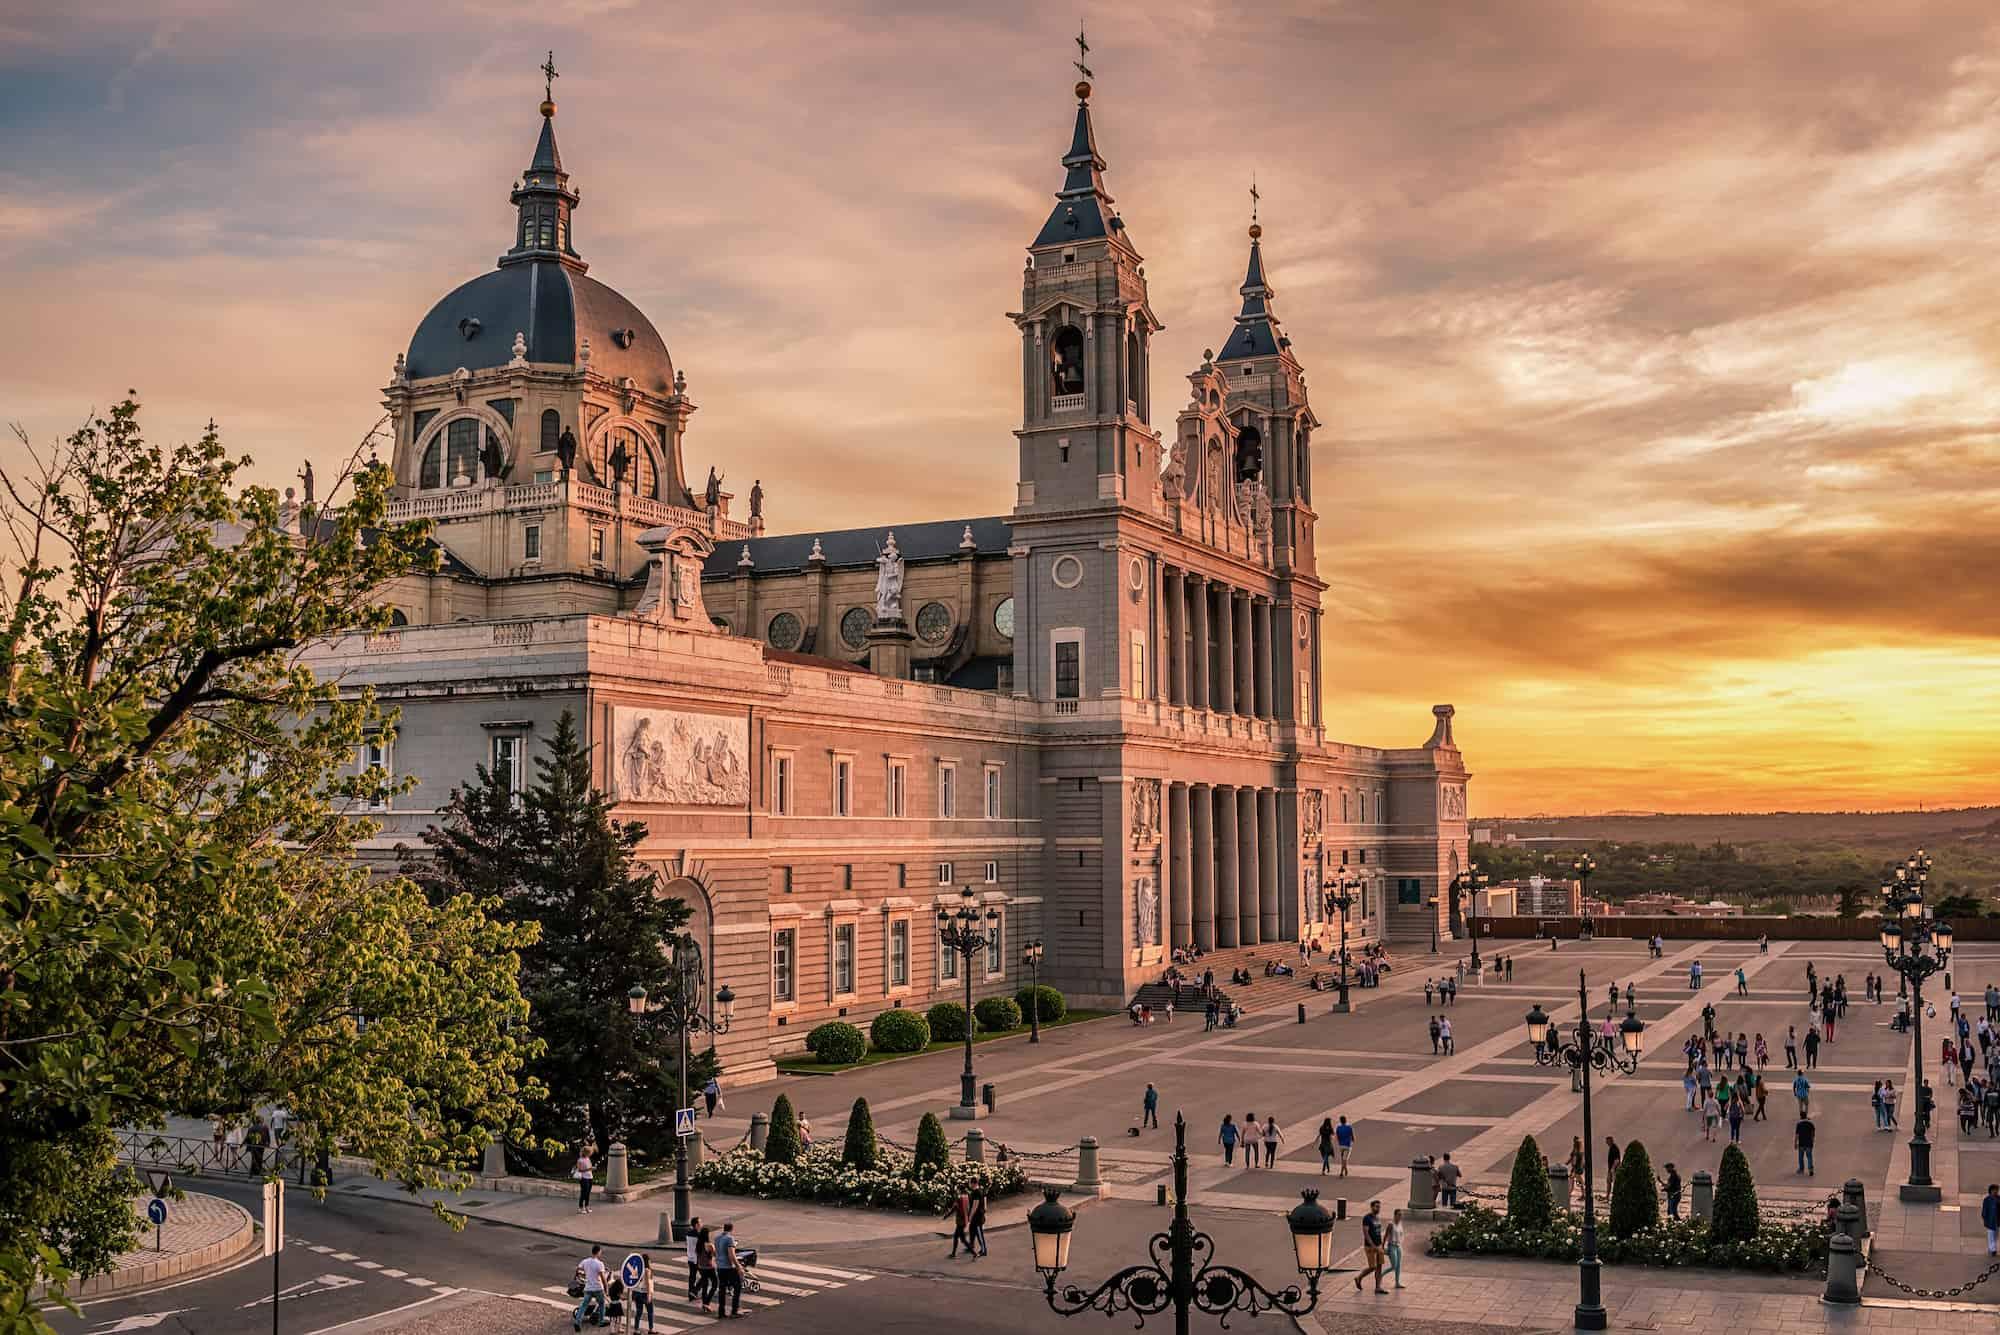 Palacio Real - Los 5 atardeceres más bonitos de la ciudad de Madrid.